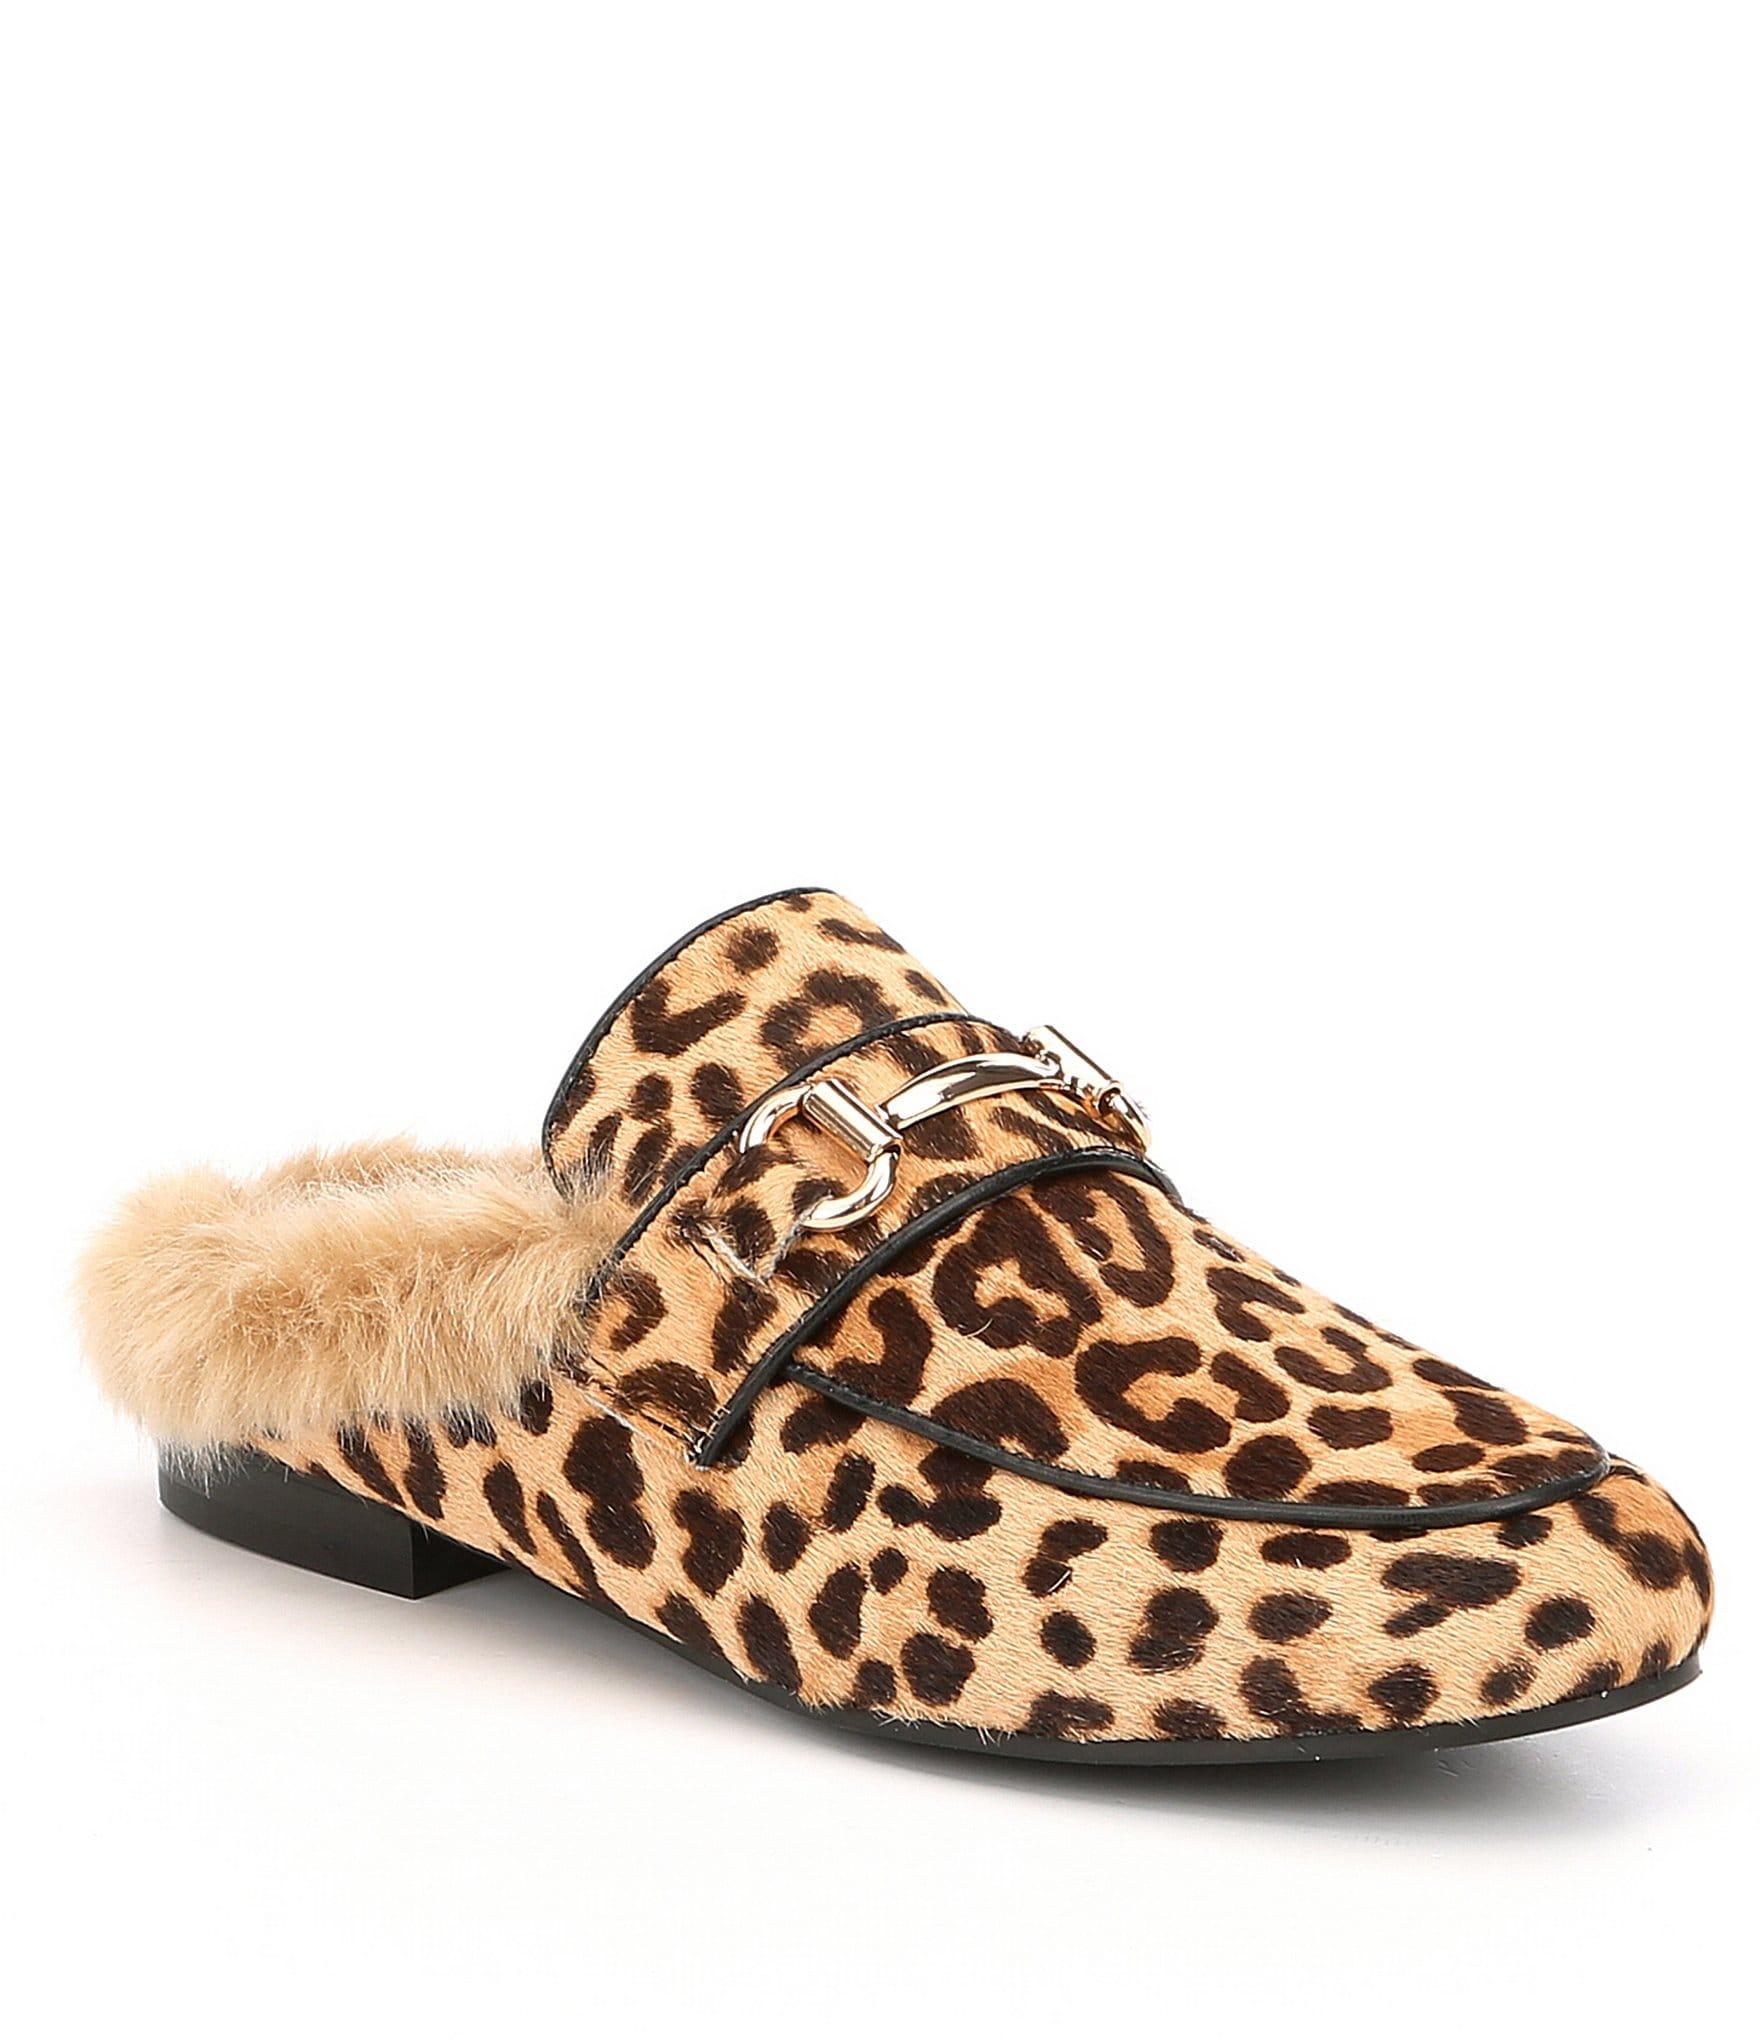 Steve Madden Jill Shoes Review